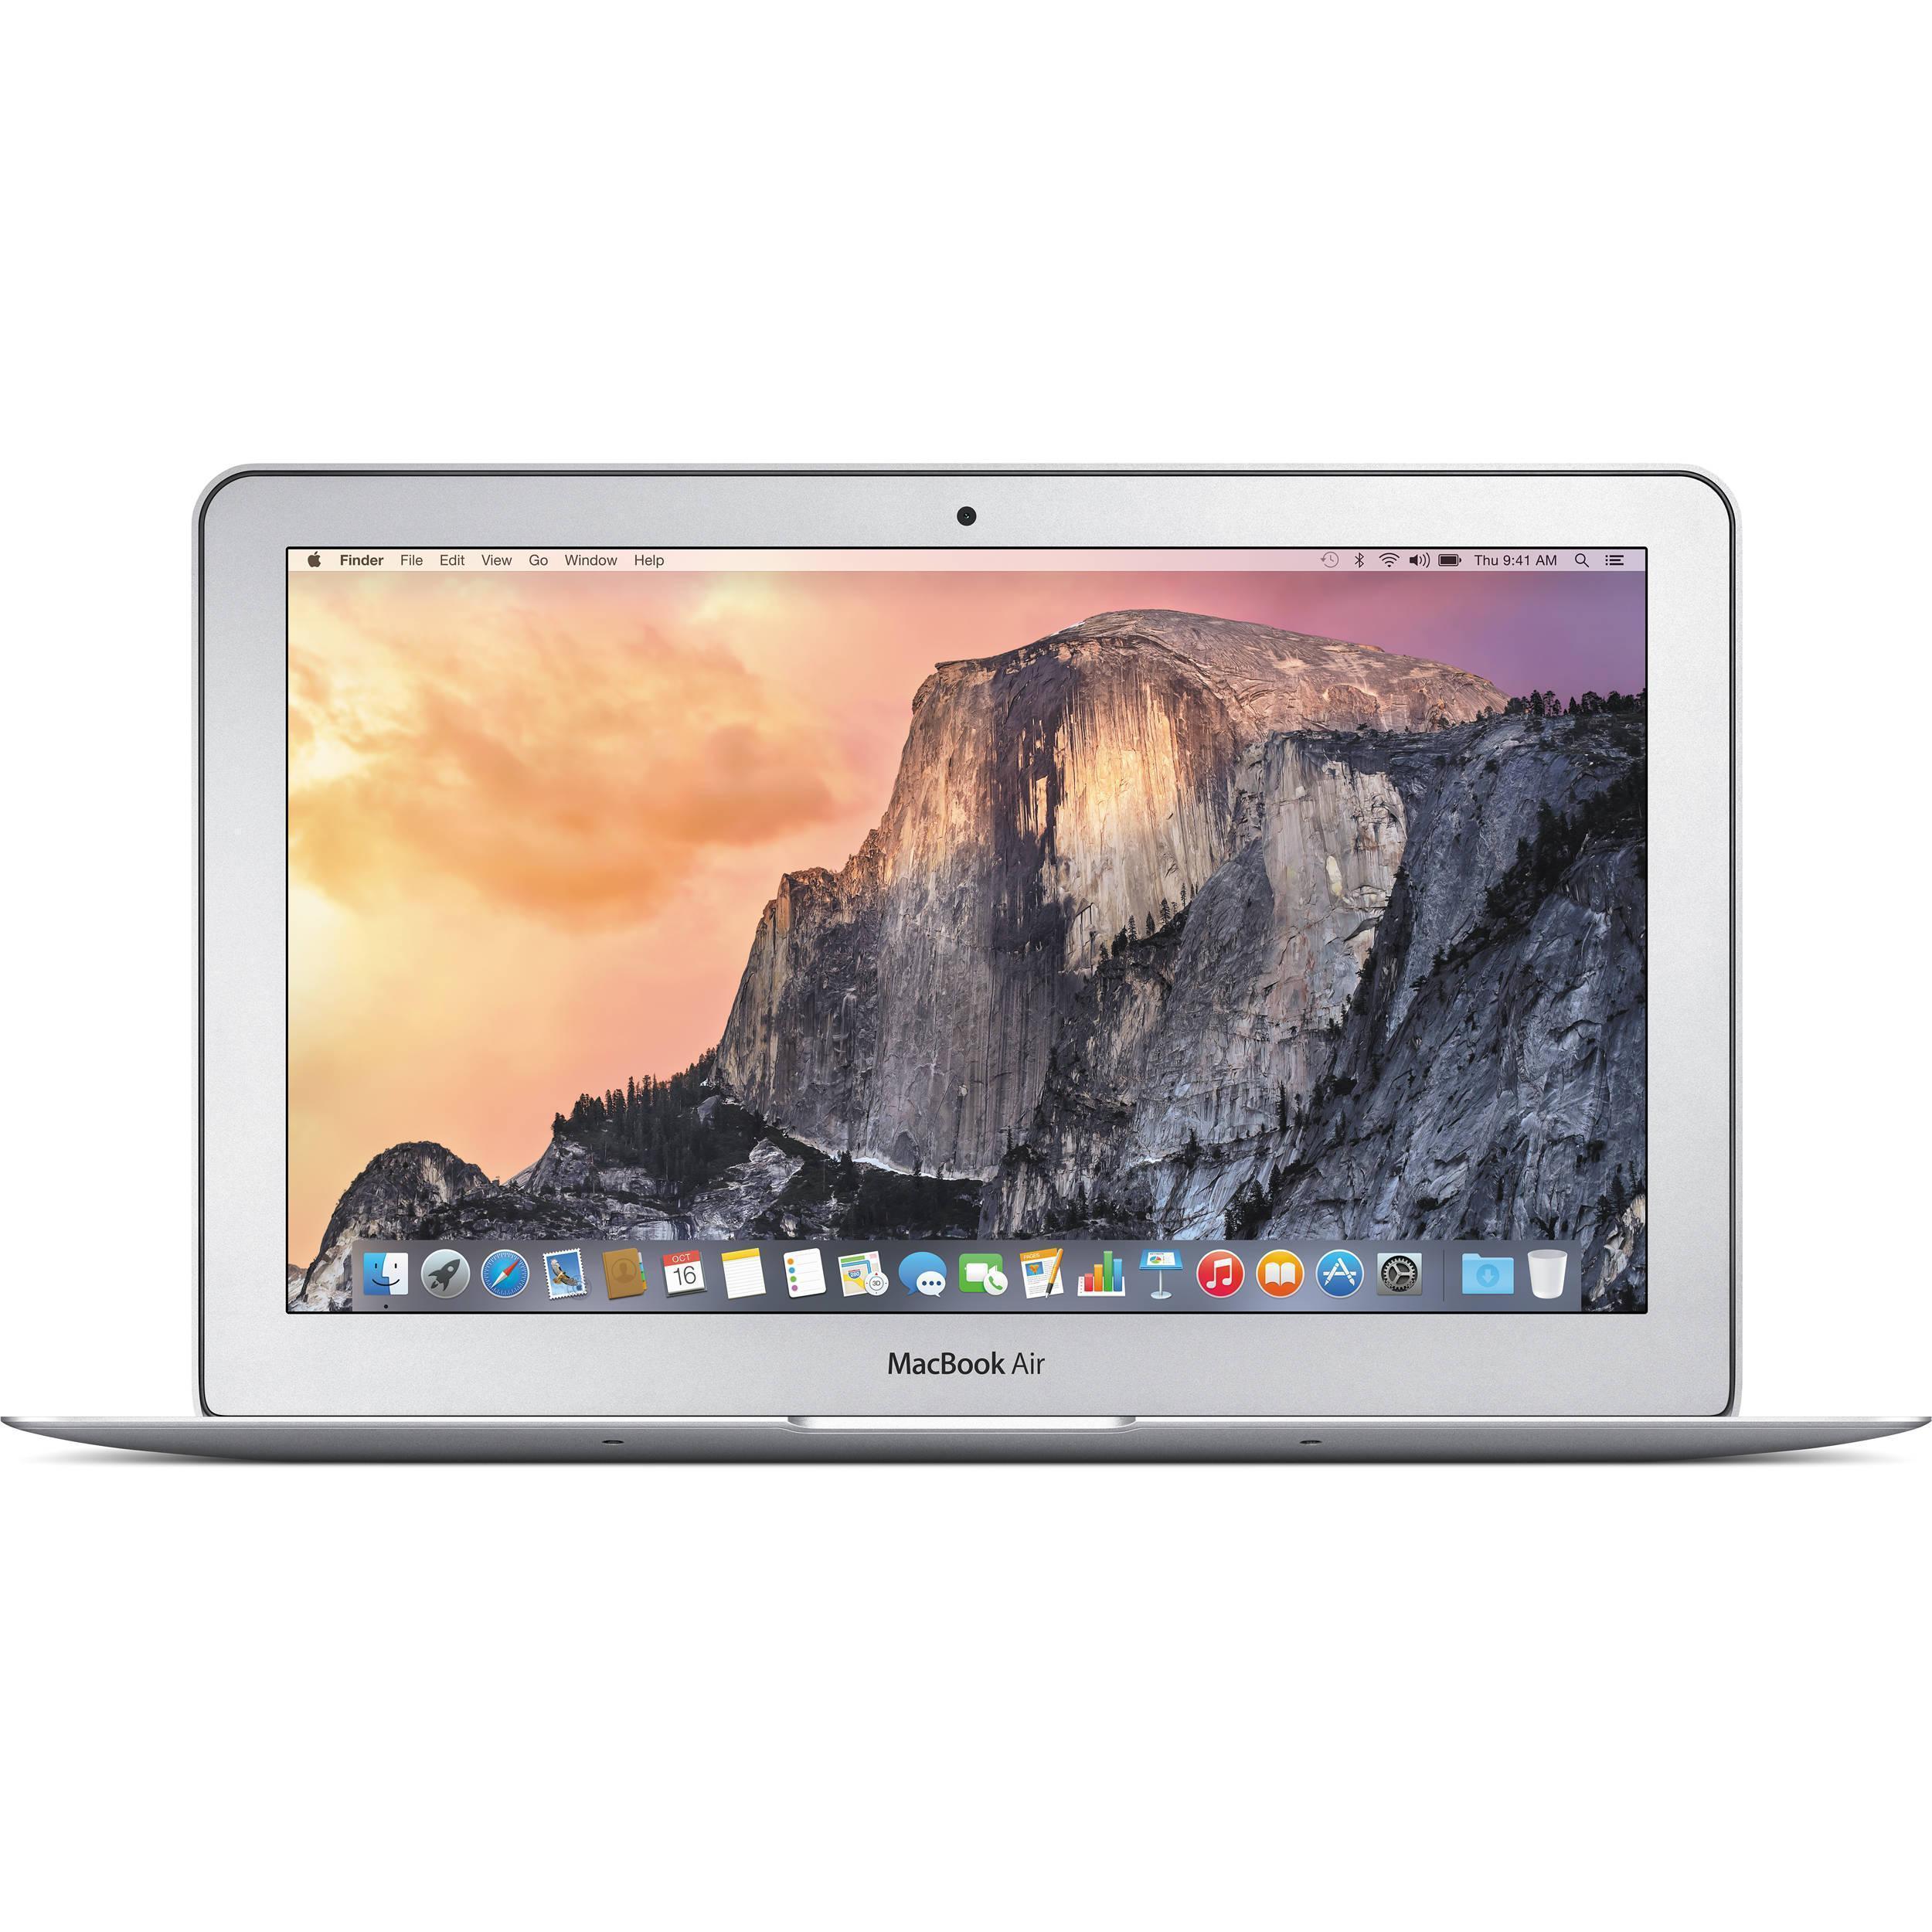 MacBook Air 11,6-tum (2014) - Core i5 - 4GB - SSD 256 GB QWERTZ - Tyska